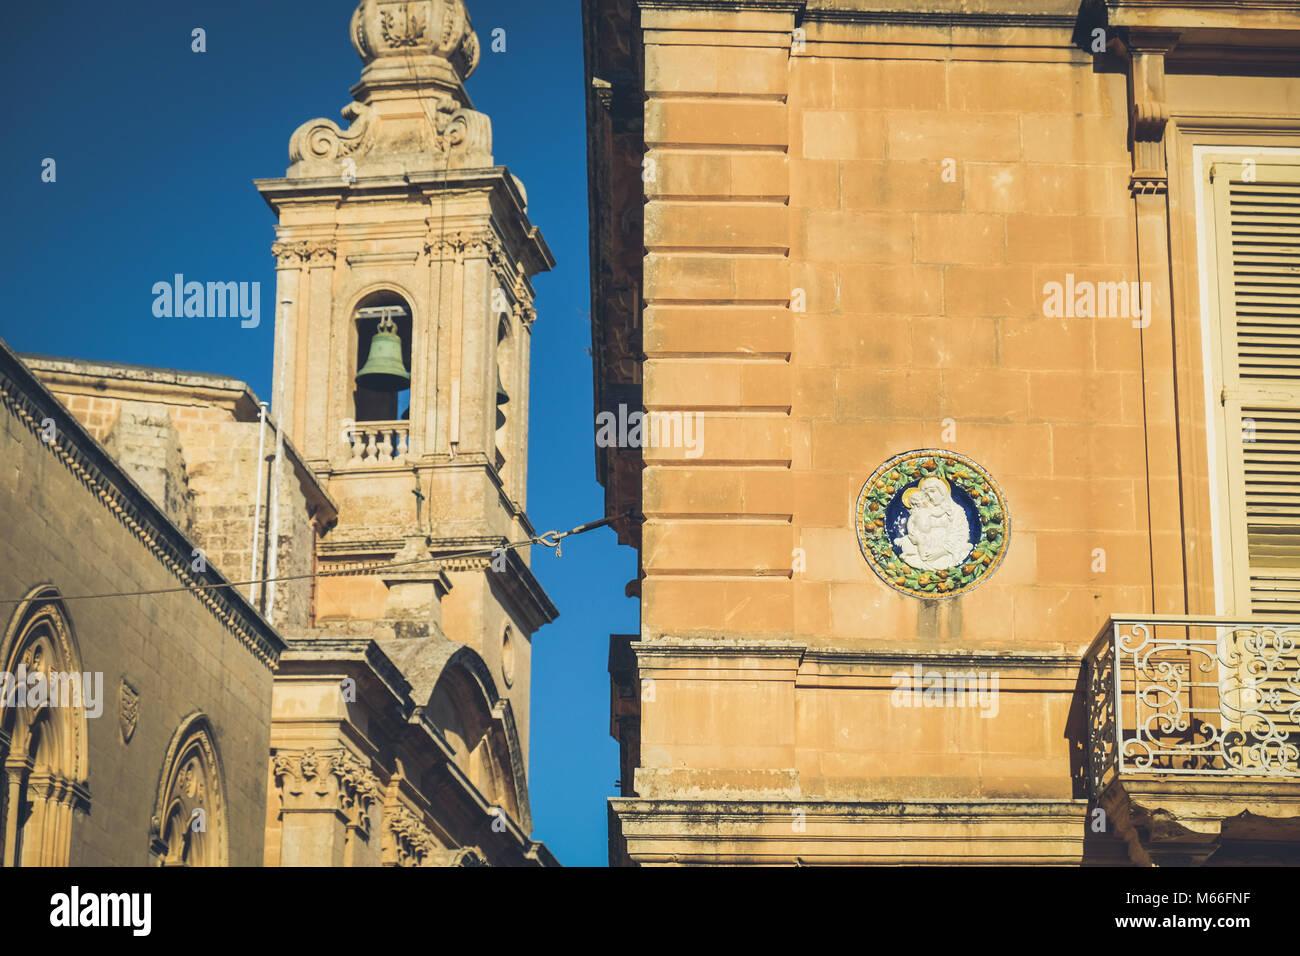 Typical Maltese architecture in Mdina city - Malta - Stock Image